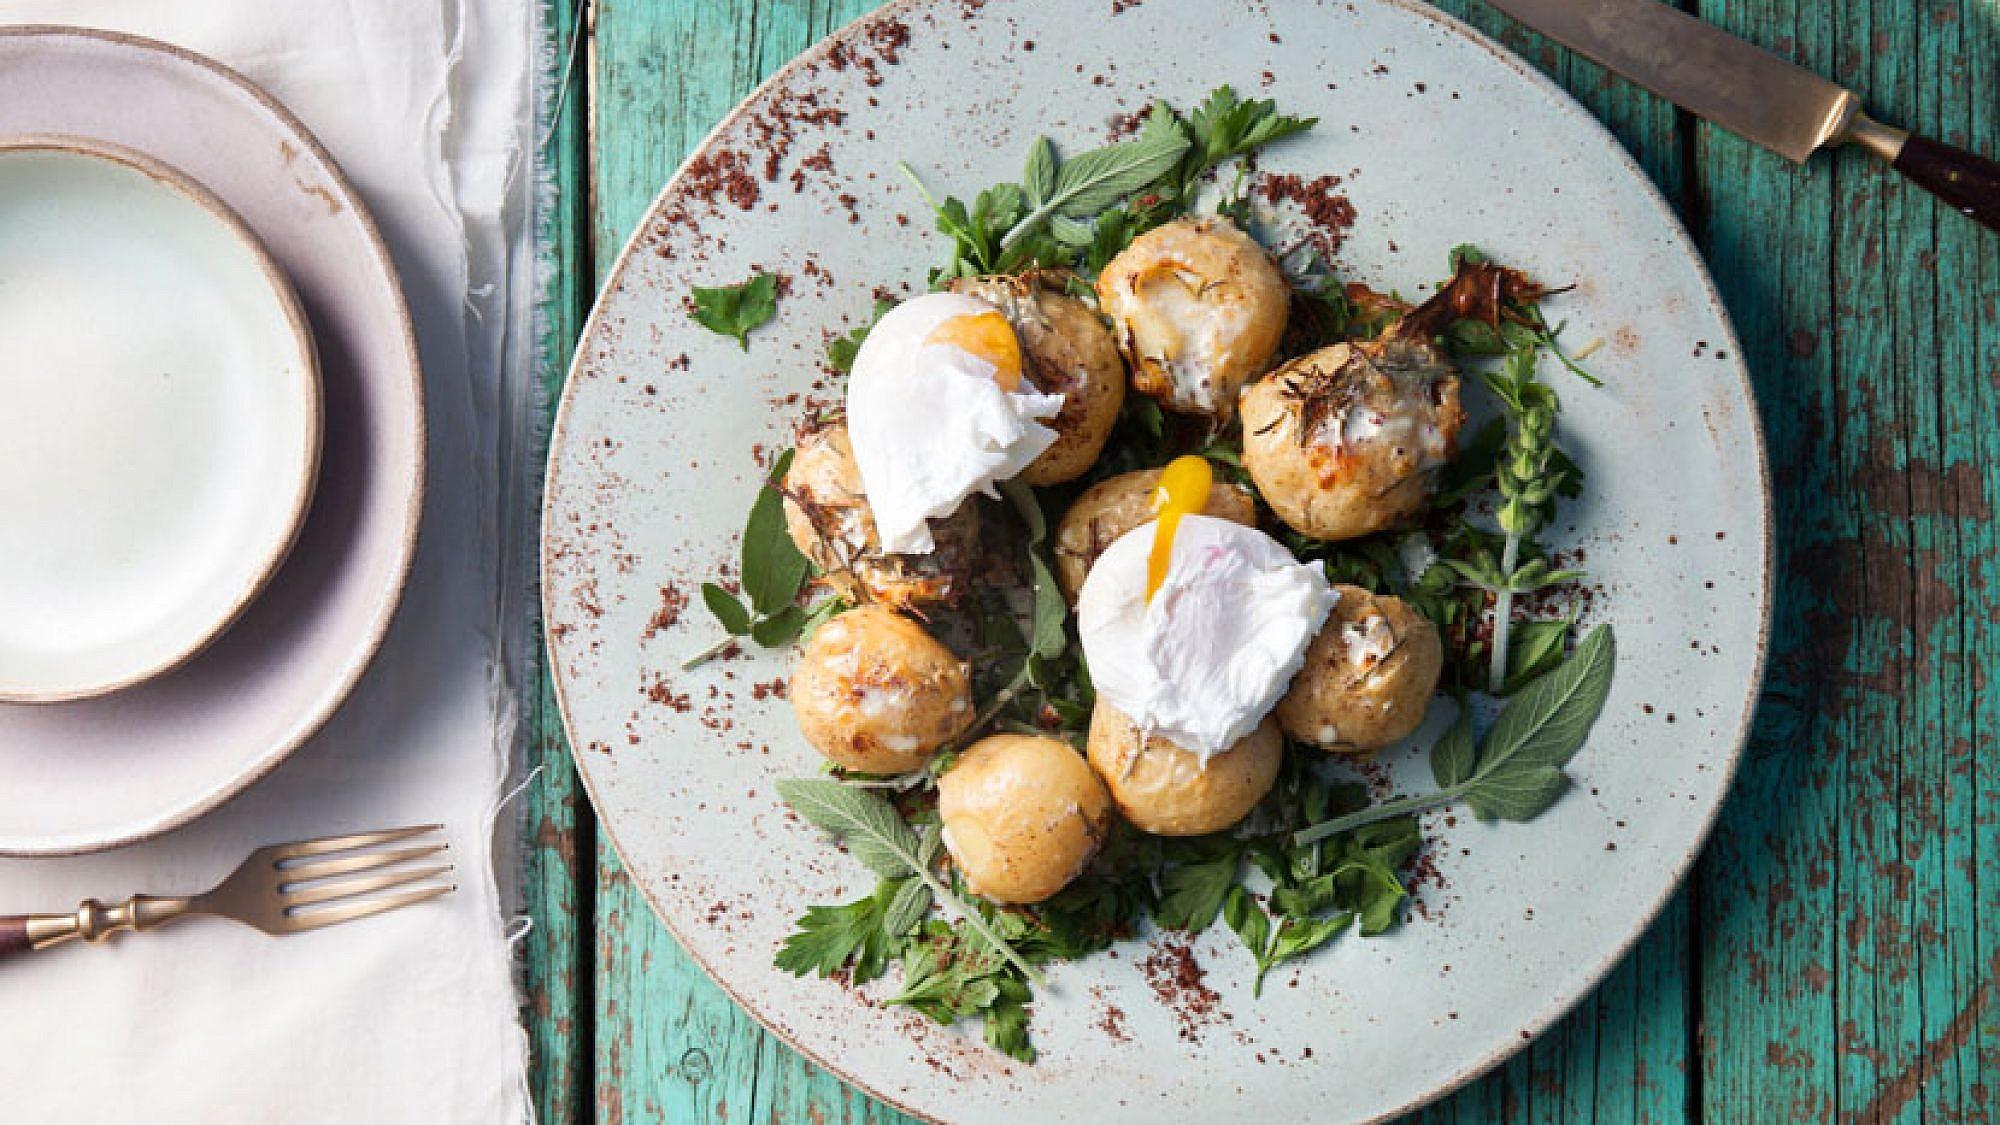 תפוחי אדמה קטנטנים בשמנת רוזמרין עם ביצה עלומה, פטרוזיליה וסומאק. צילום: דניאל לילה | סגנון: עמית פרבר